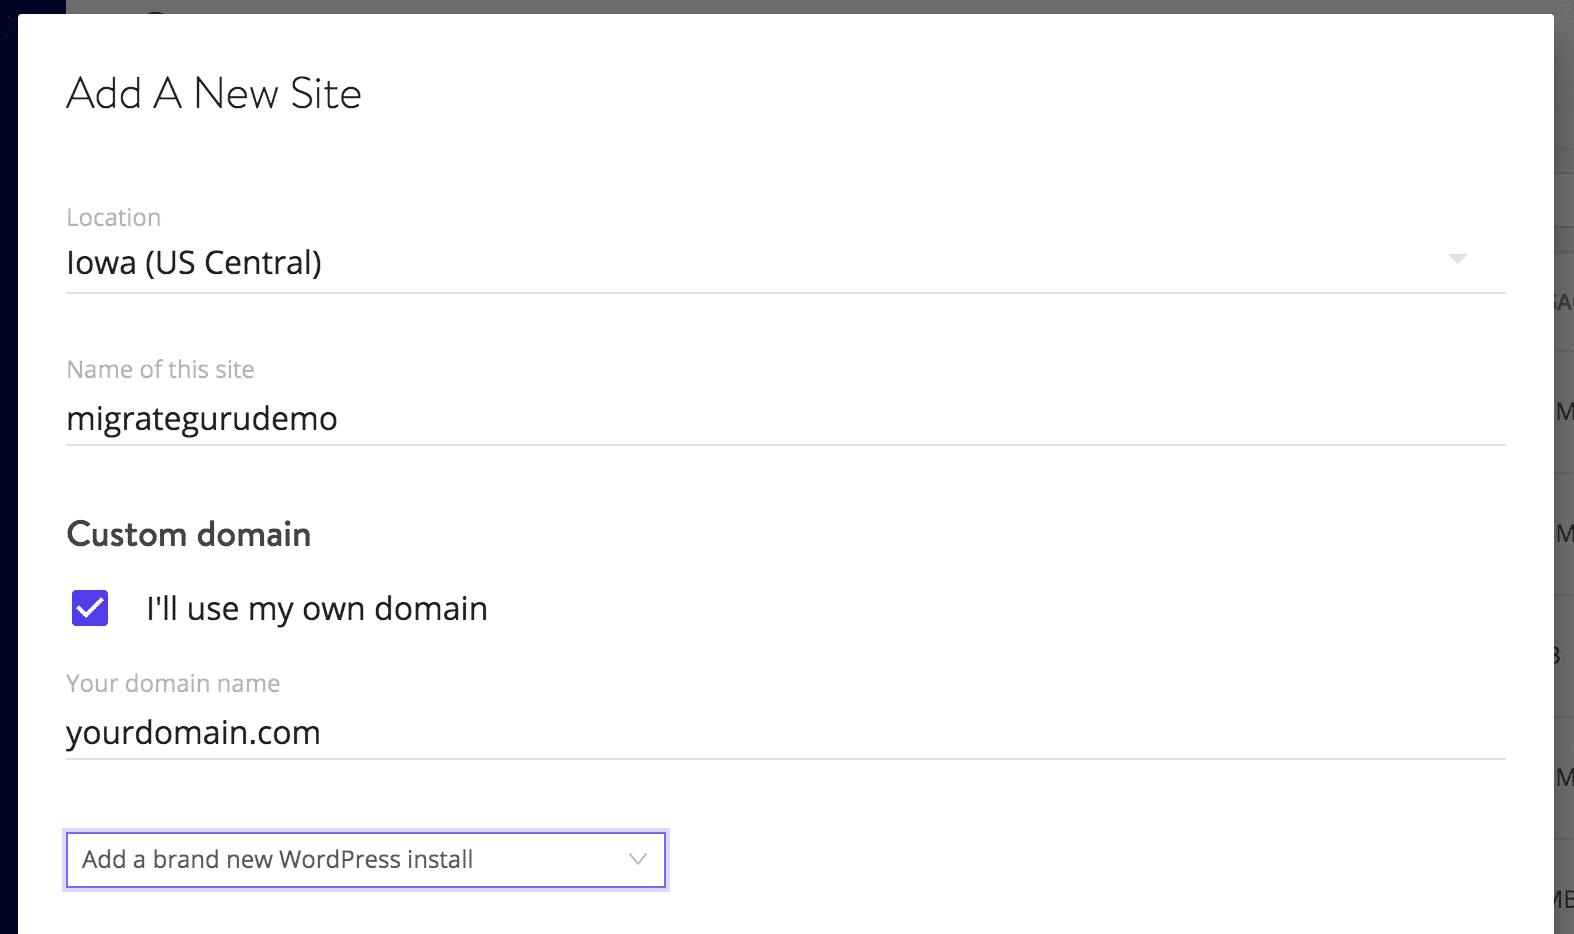 Adding a site in MyKinsta